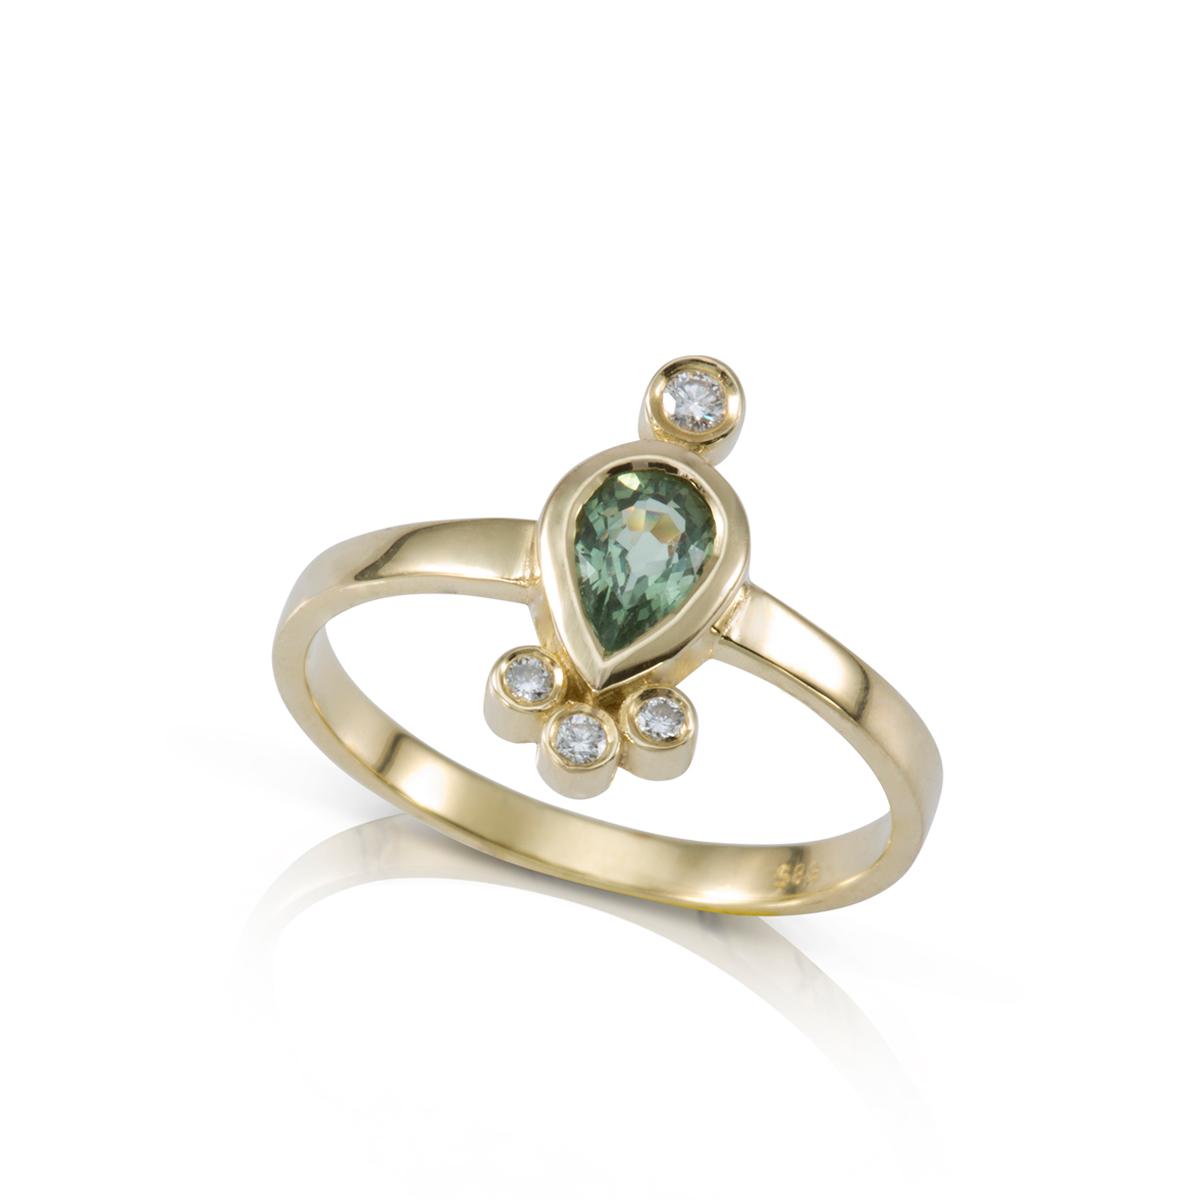 טבעת זהב משובצת ספיר ירוק בצורת טיפה ו-4 יהלומים